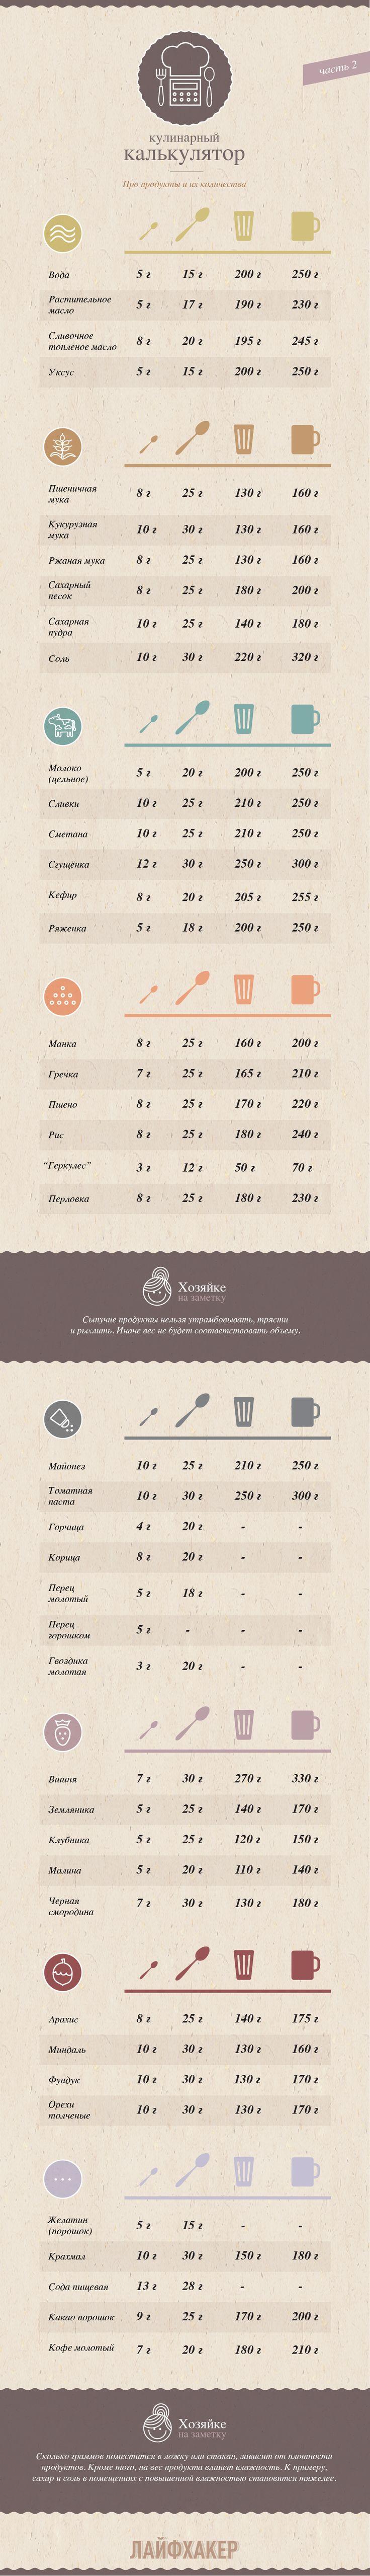 Кулинарный калькулятор. Вес различных продуктов в разных емкостях